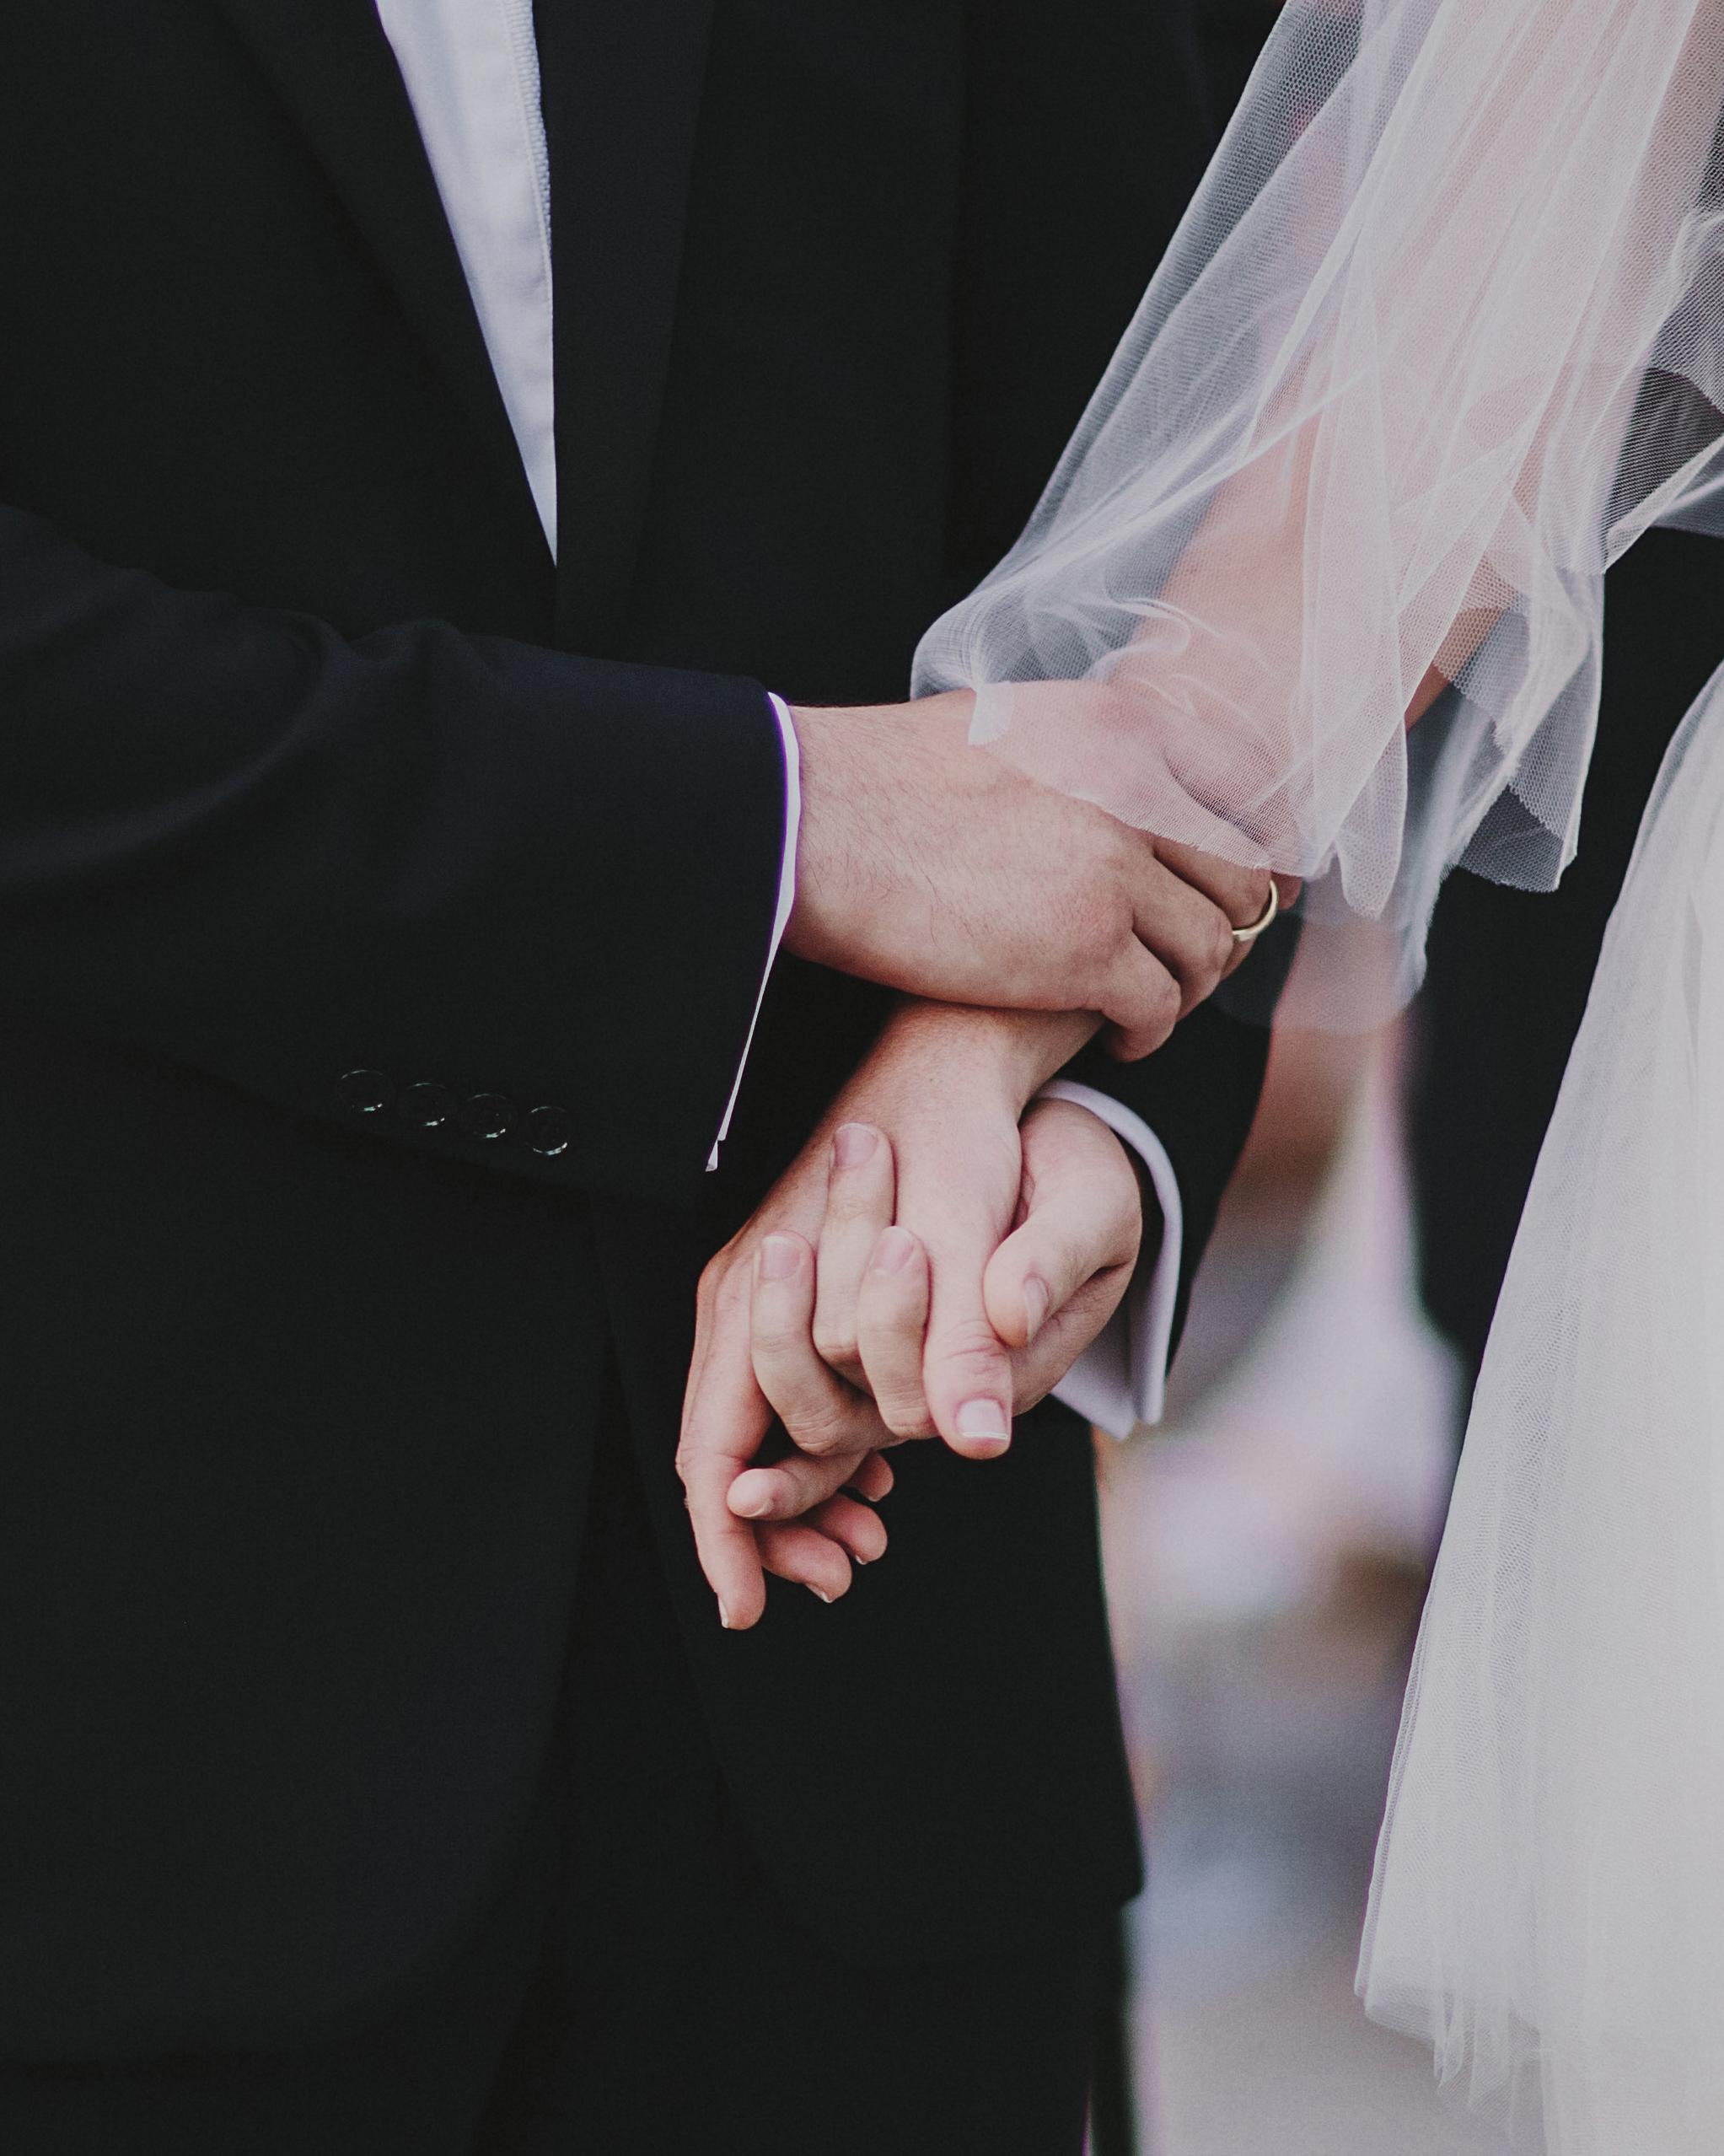 tamara-brett-wedding-hands-1163-s112120-0915.jpg